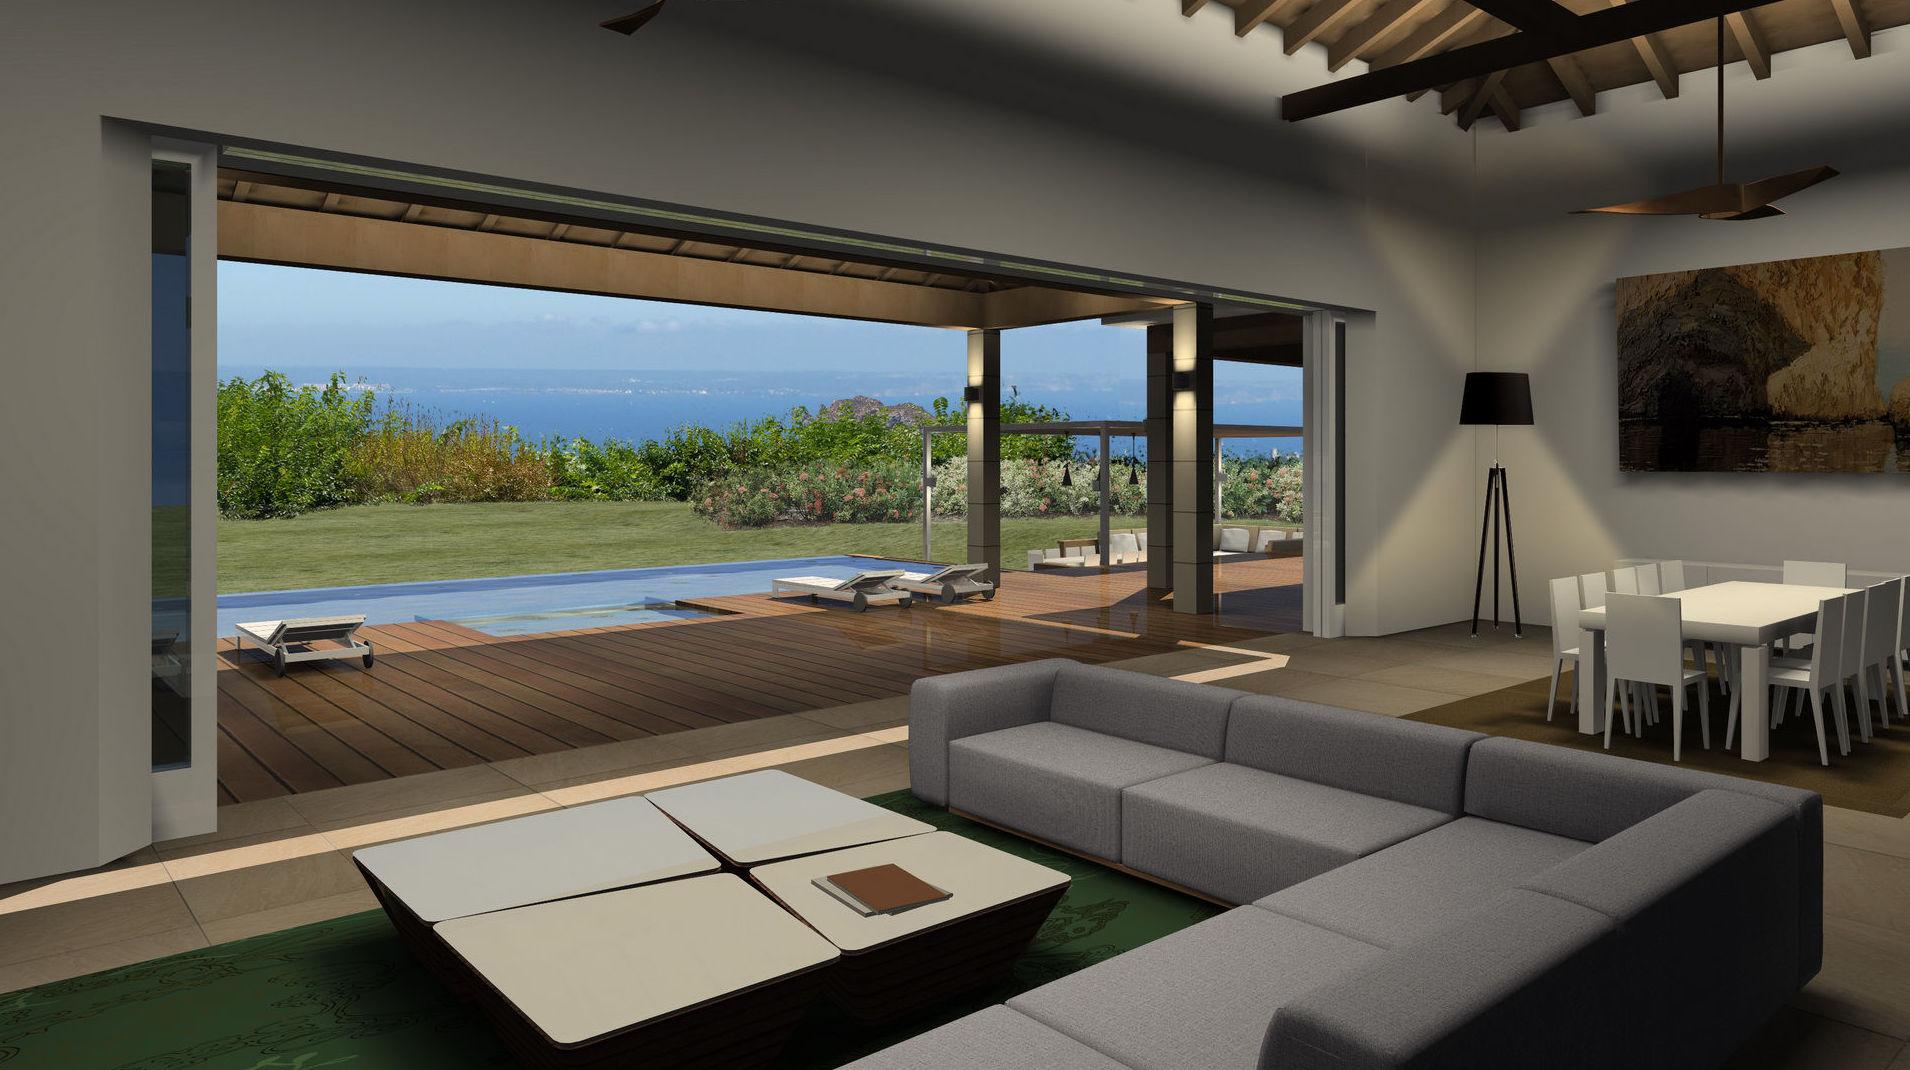 Diseño de muebles estilo mediterráneo a medida